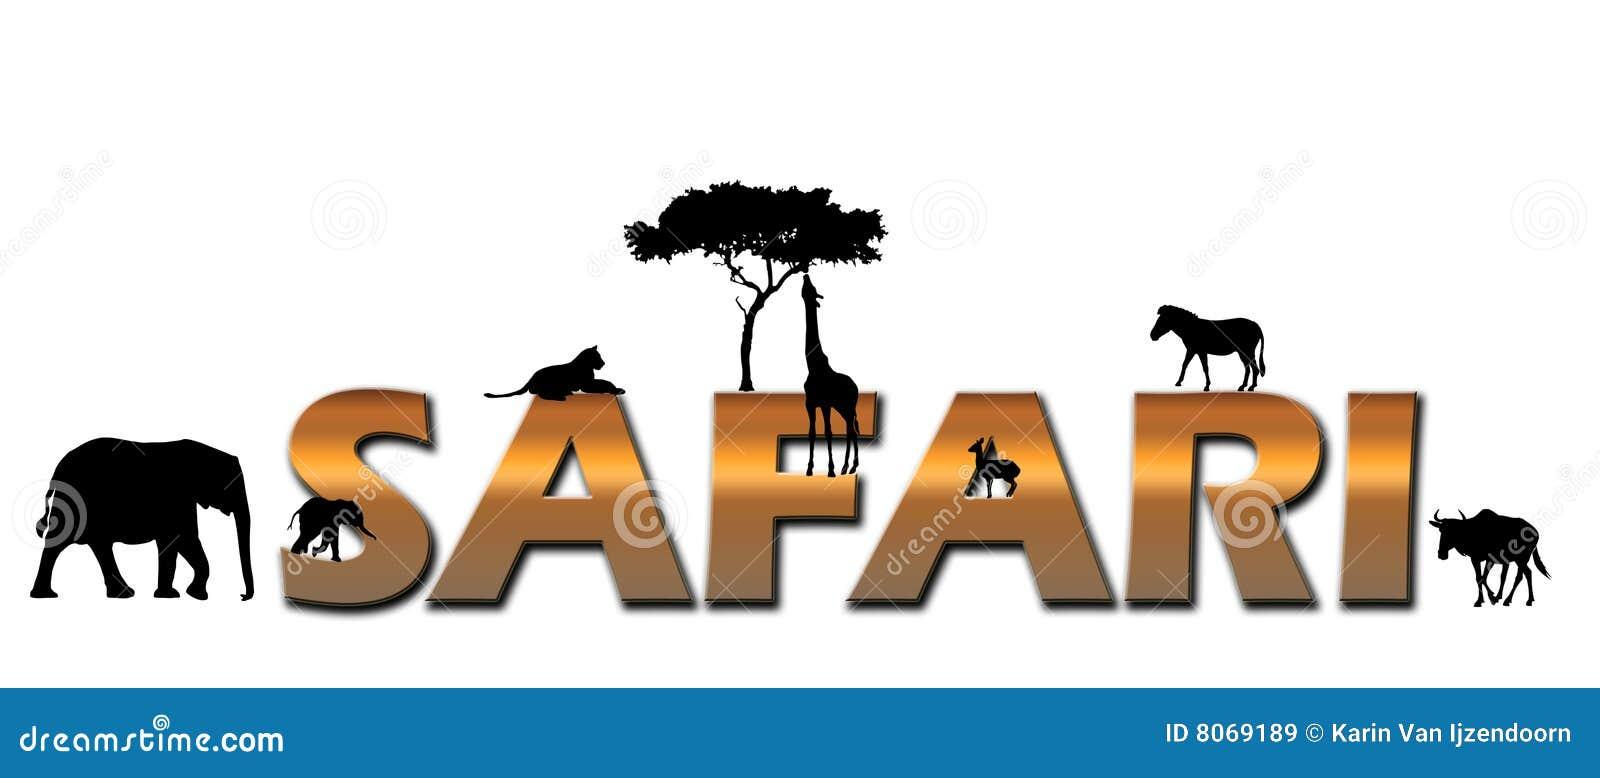 Safari africain de logo images libres de droits image 8069189 - Arbre africain en 7 lettres ...